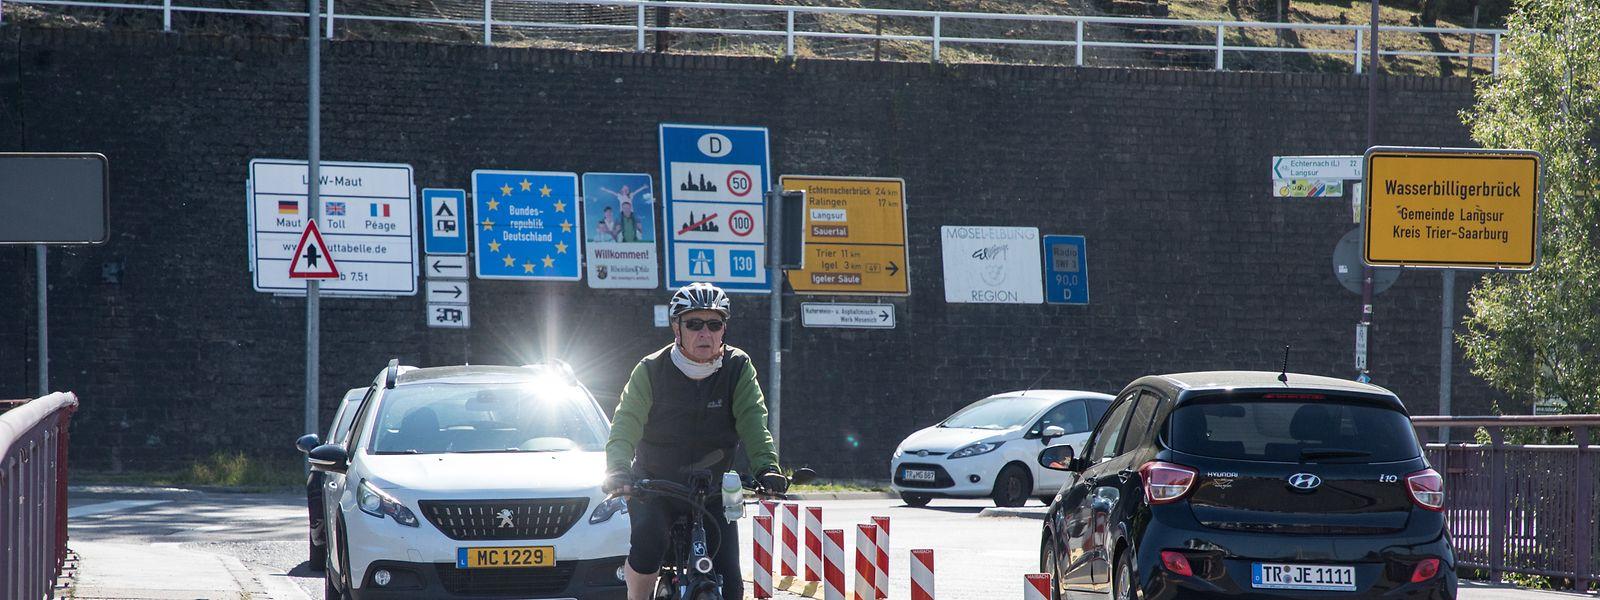 Lok, Grenzöffnungen, Wasserbilllig, Coronakrise, Sars-Cov-2, Covid-19, Foto:Guy Jallay/Luxemburger Wort